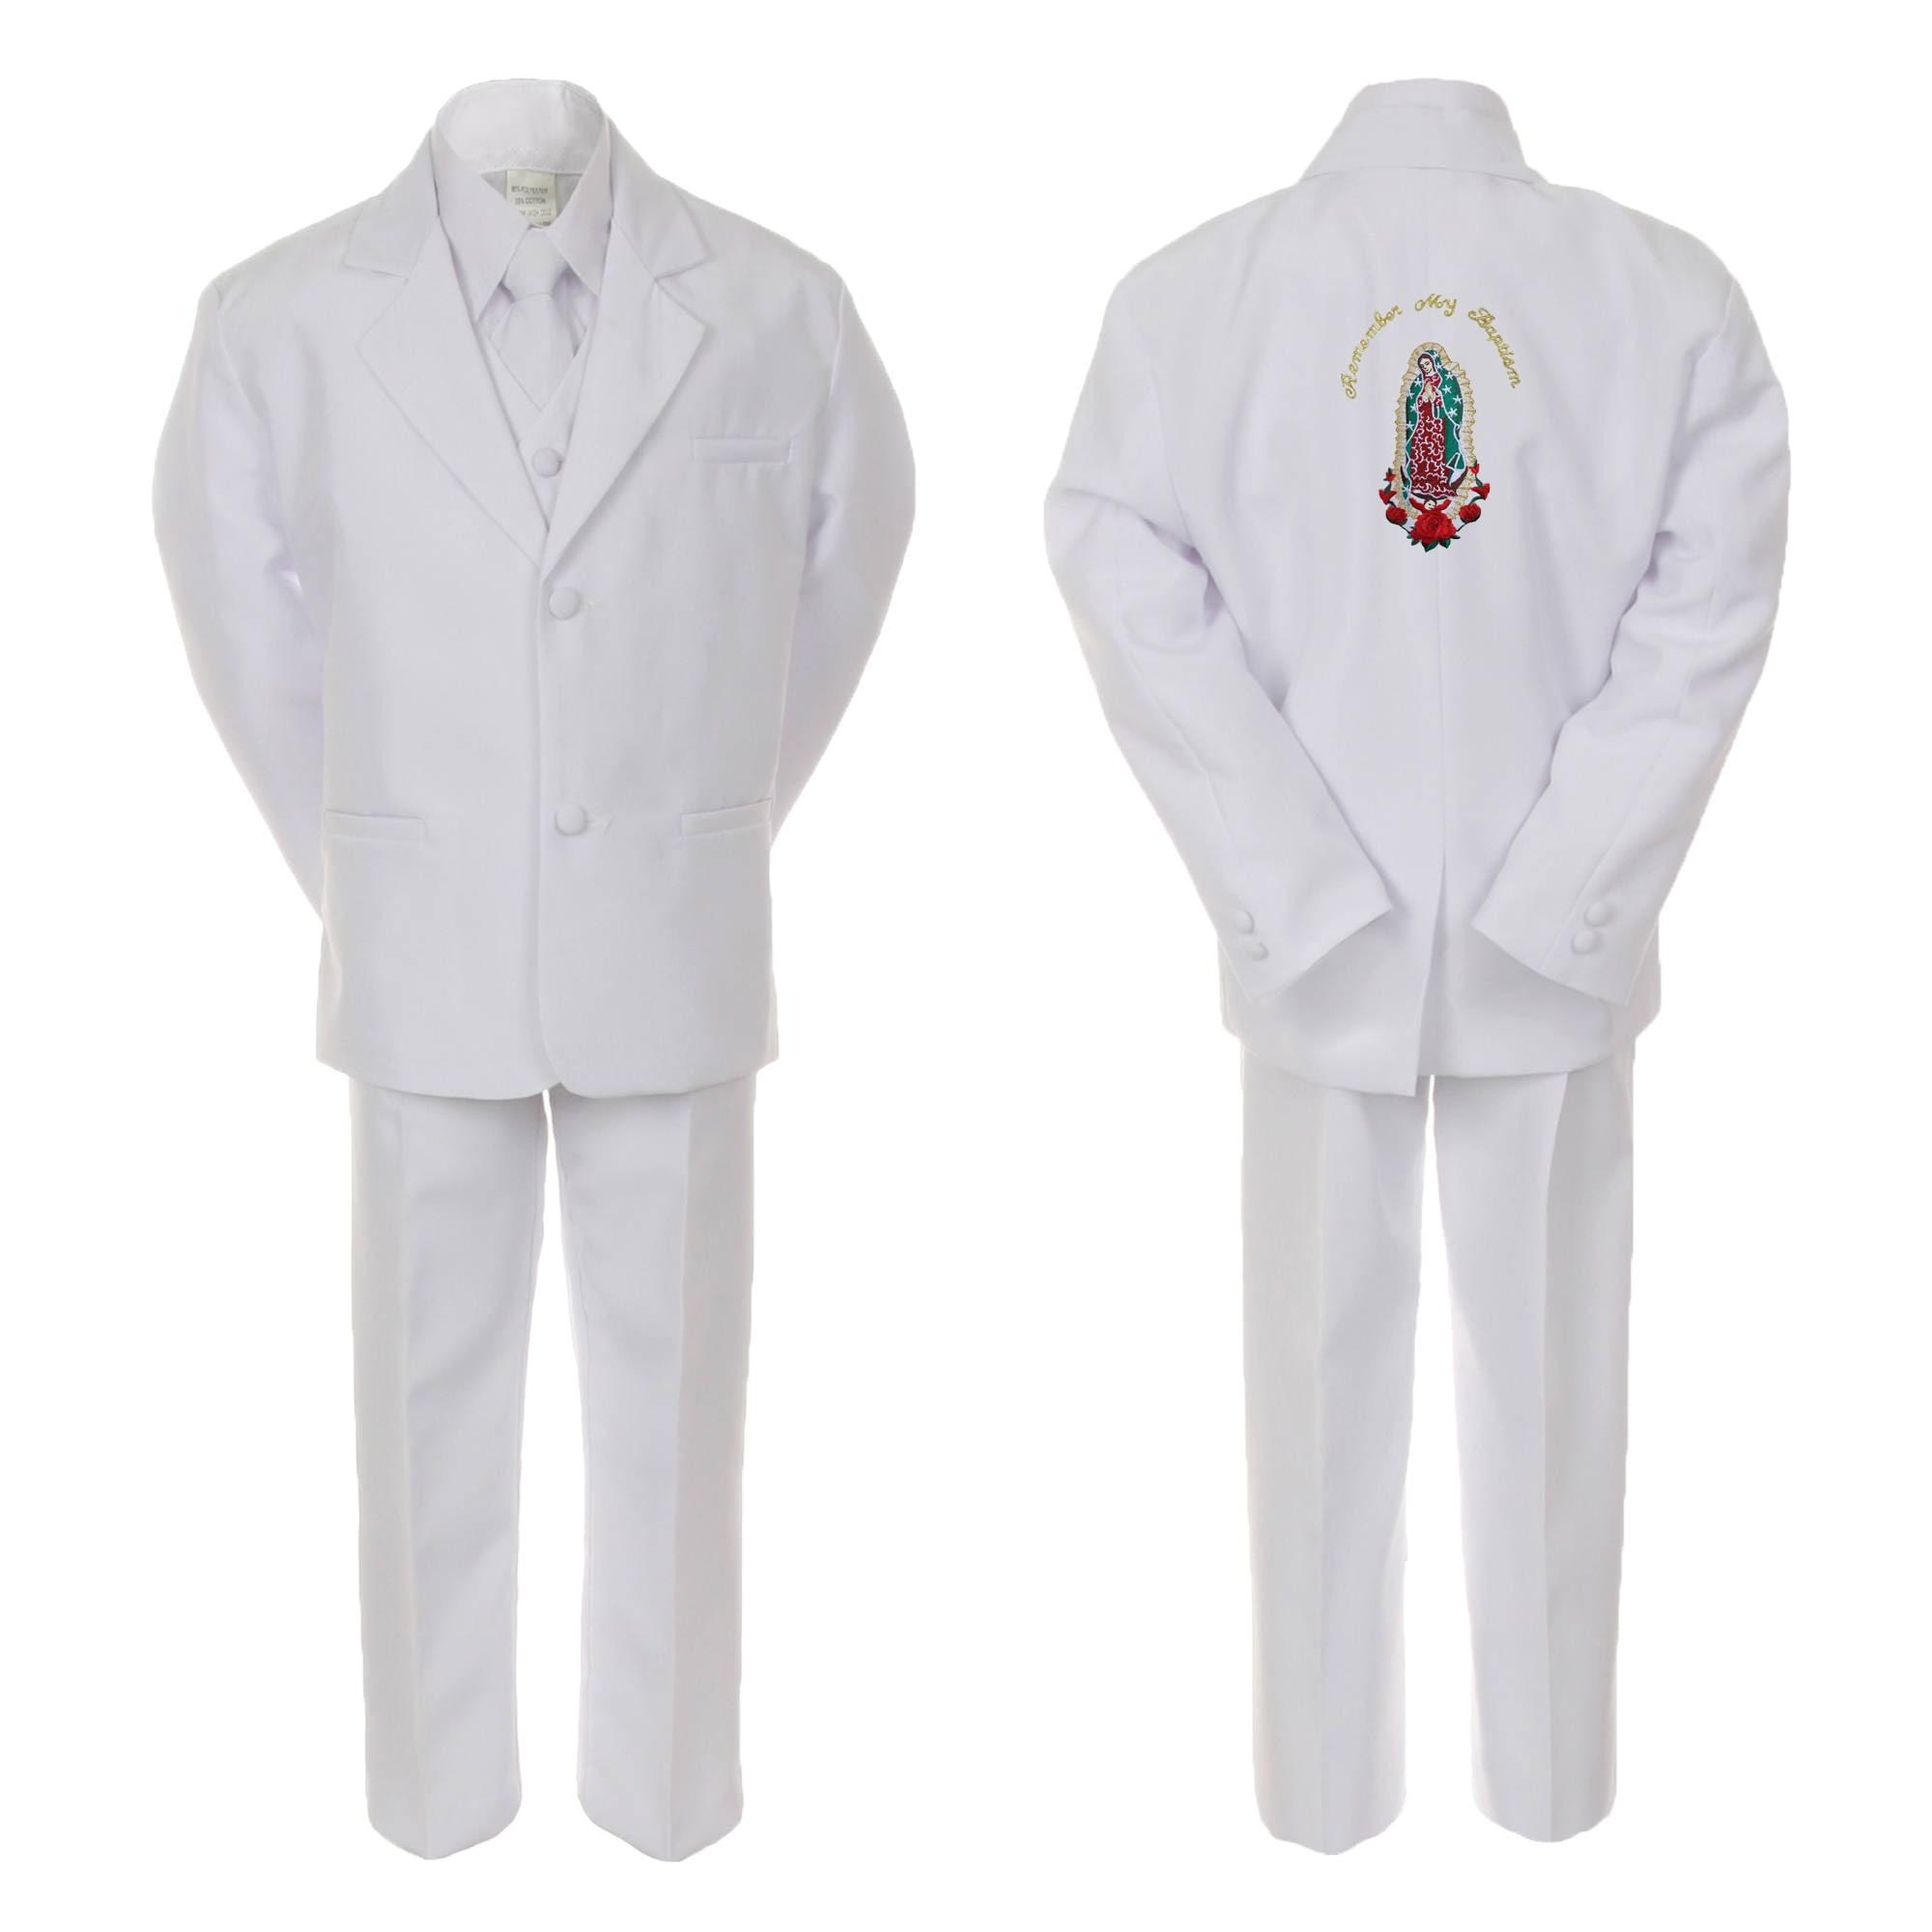 Infant,Toddler /& Boy Communion Baptism Tuxedo Suit S M L XL 2T 3T 4T 5 6 7 WHITE